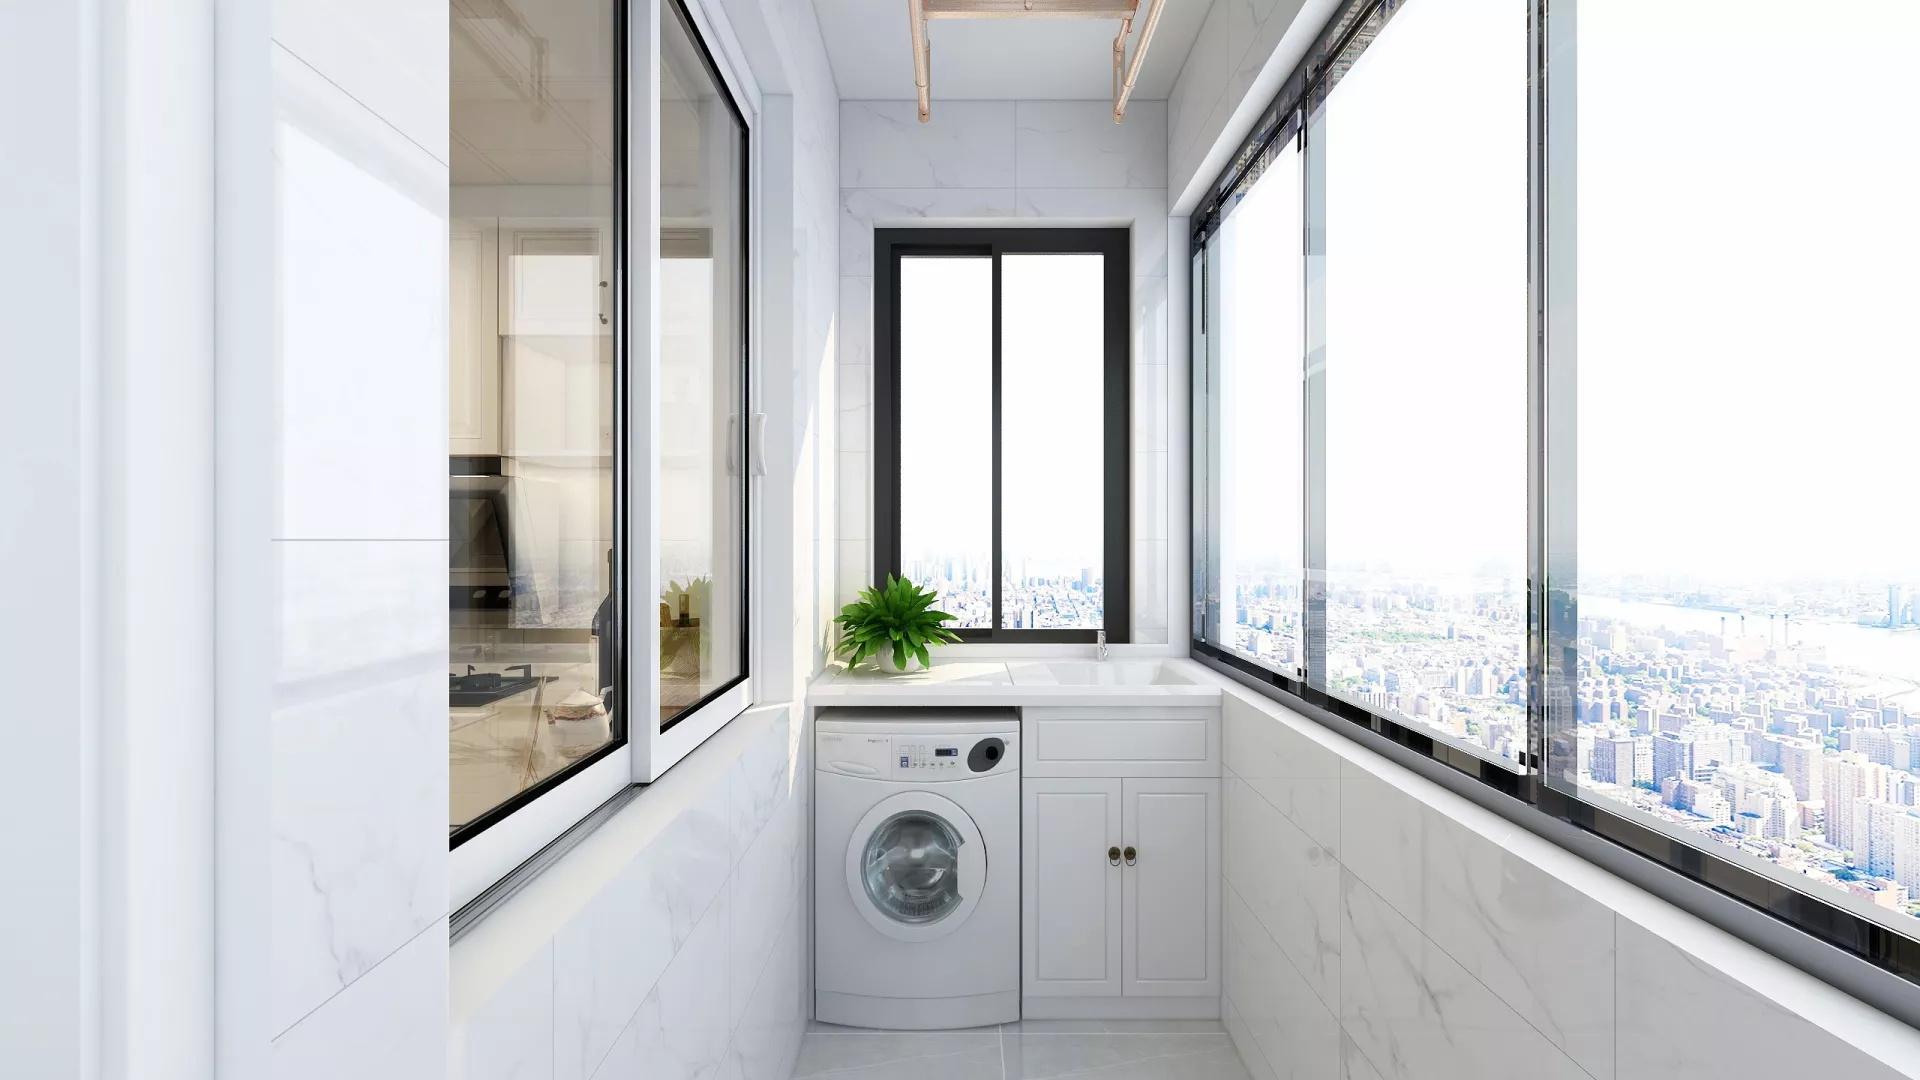 镜柜好不好?小小的镜柜竟是卫生间收纳神器